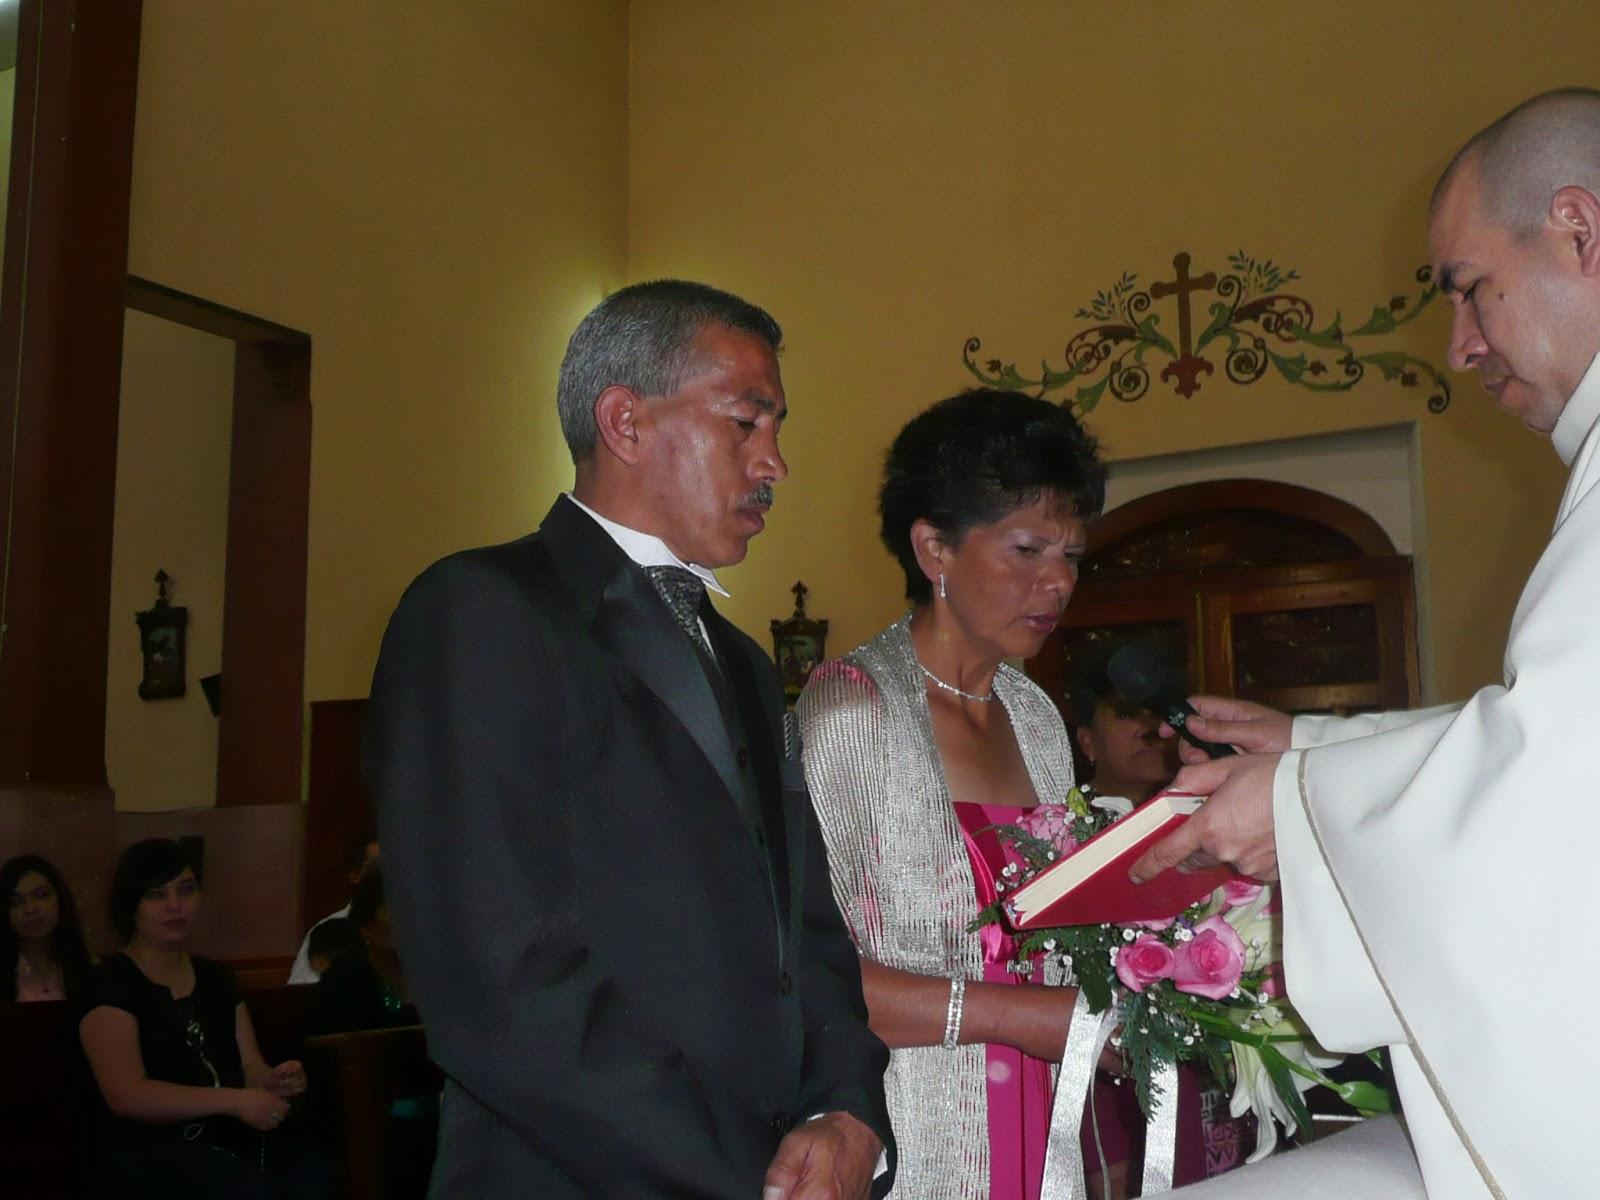 8b6e4bcbc Ofelia Martínez contrajo matrimonio por segunda vez en su vida… pero con el  mismo hombre.